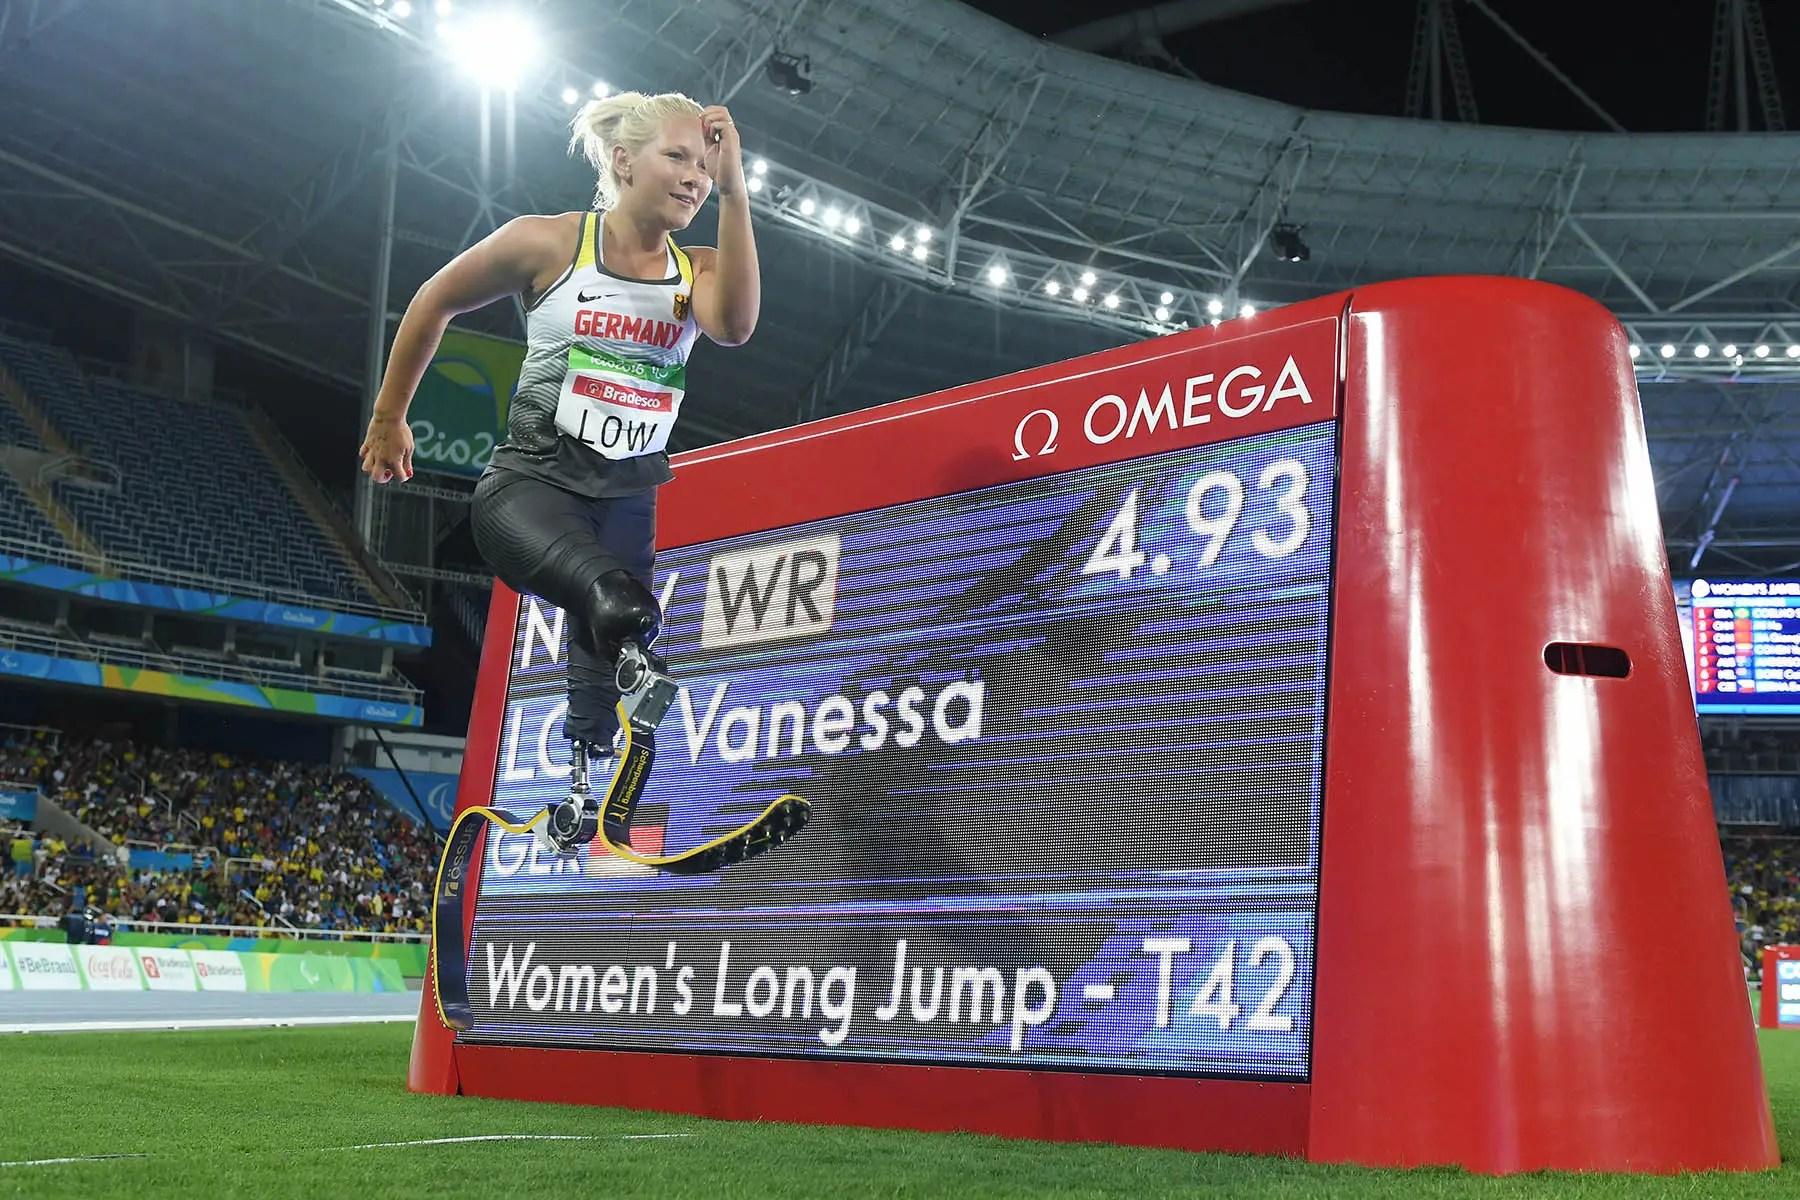 Vanessa Low de Alemania posa delante del marcador de anunciar su récord mundial de salto de longitud de las mujeres.